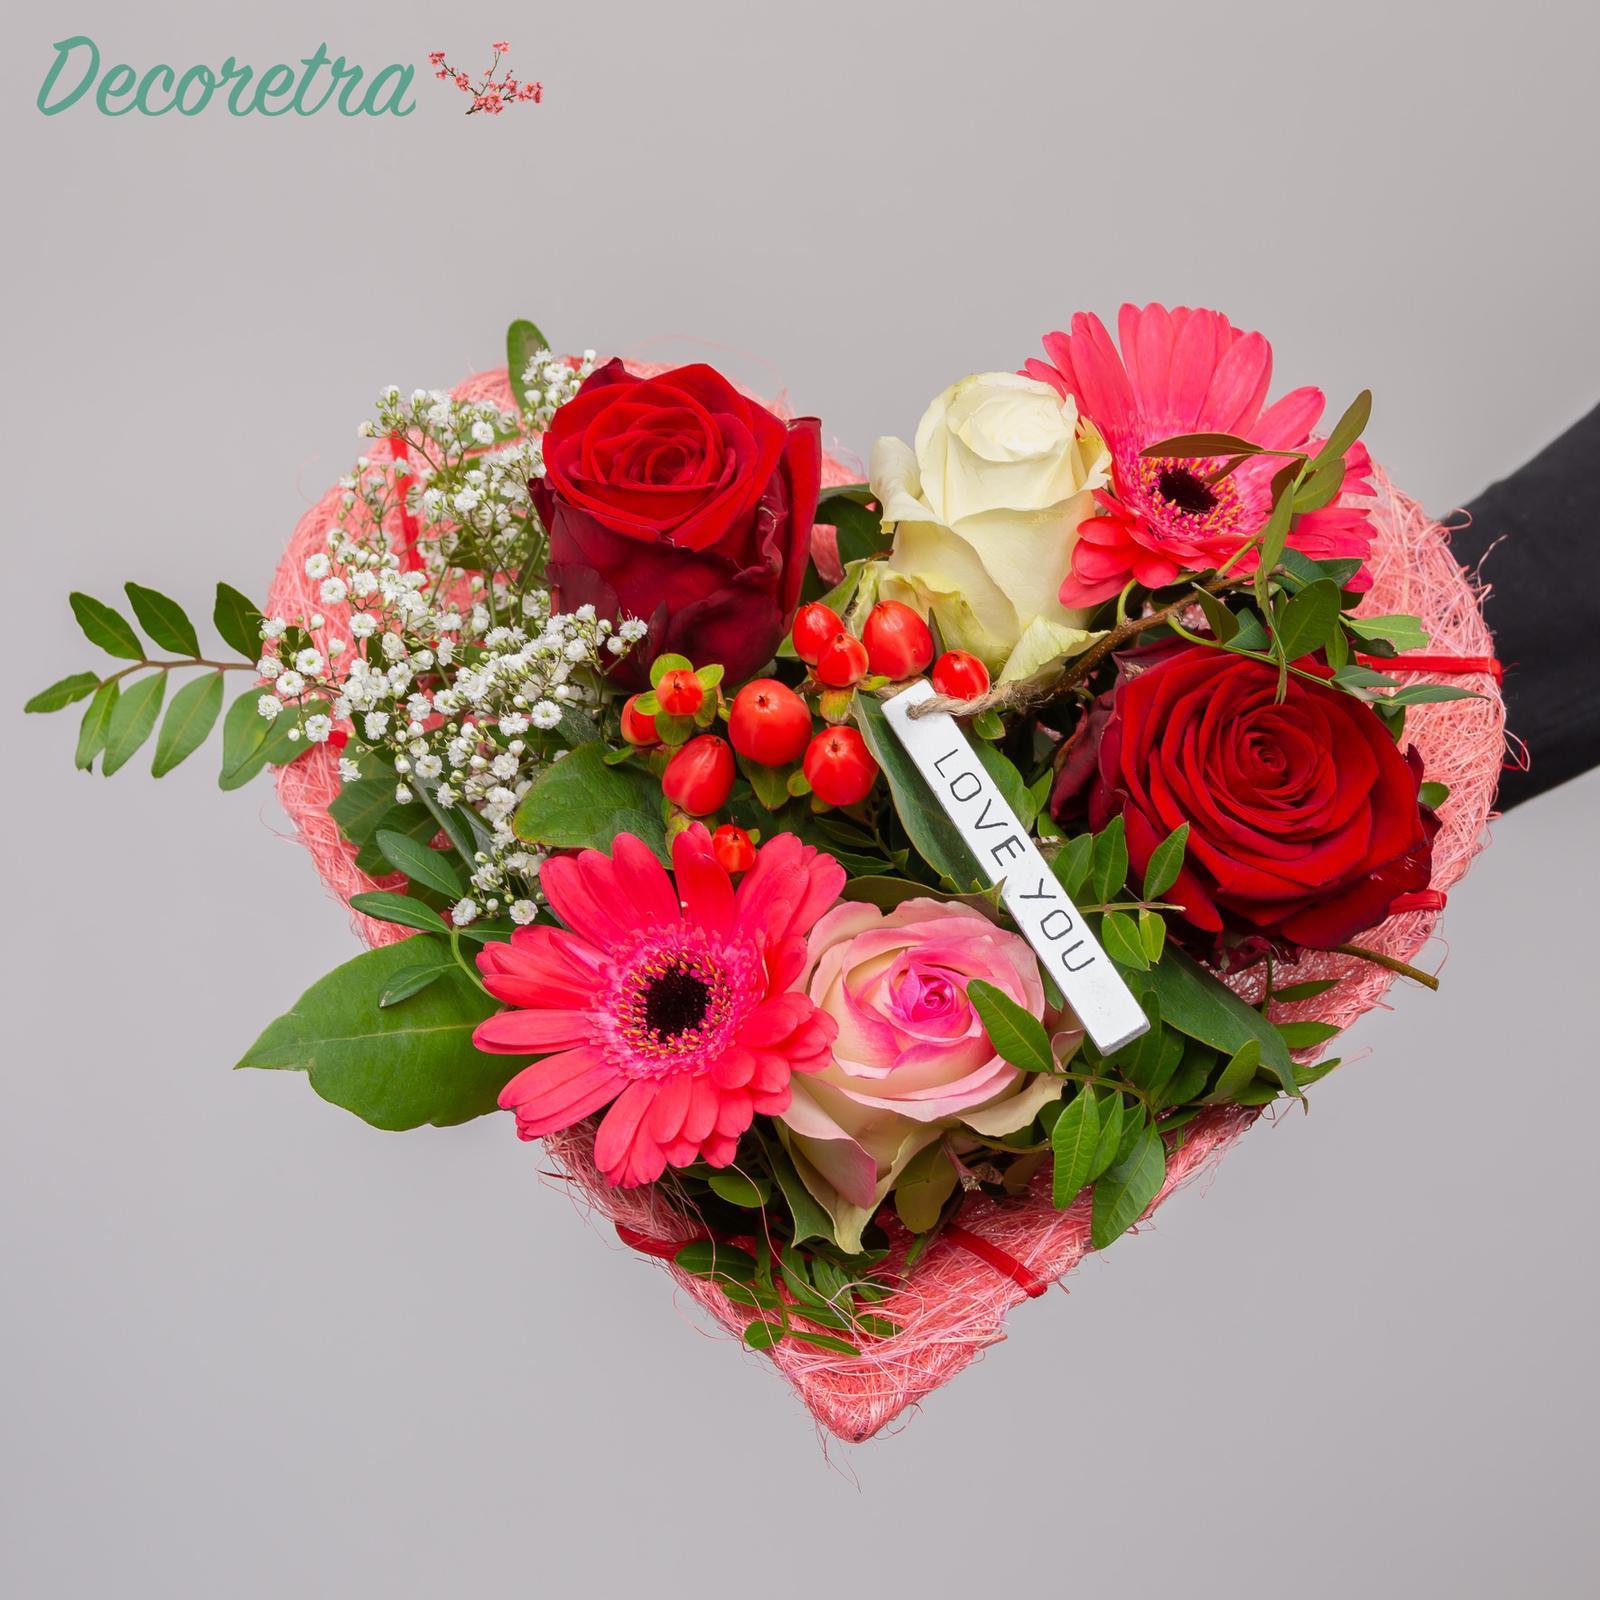 Gemengd Valentijnsboeket groot